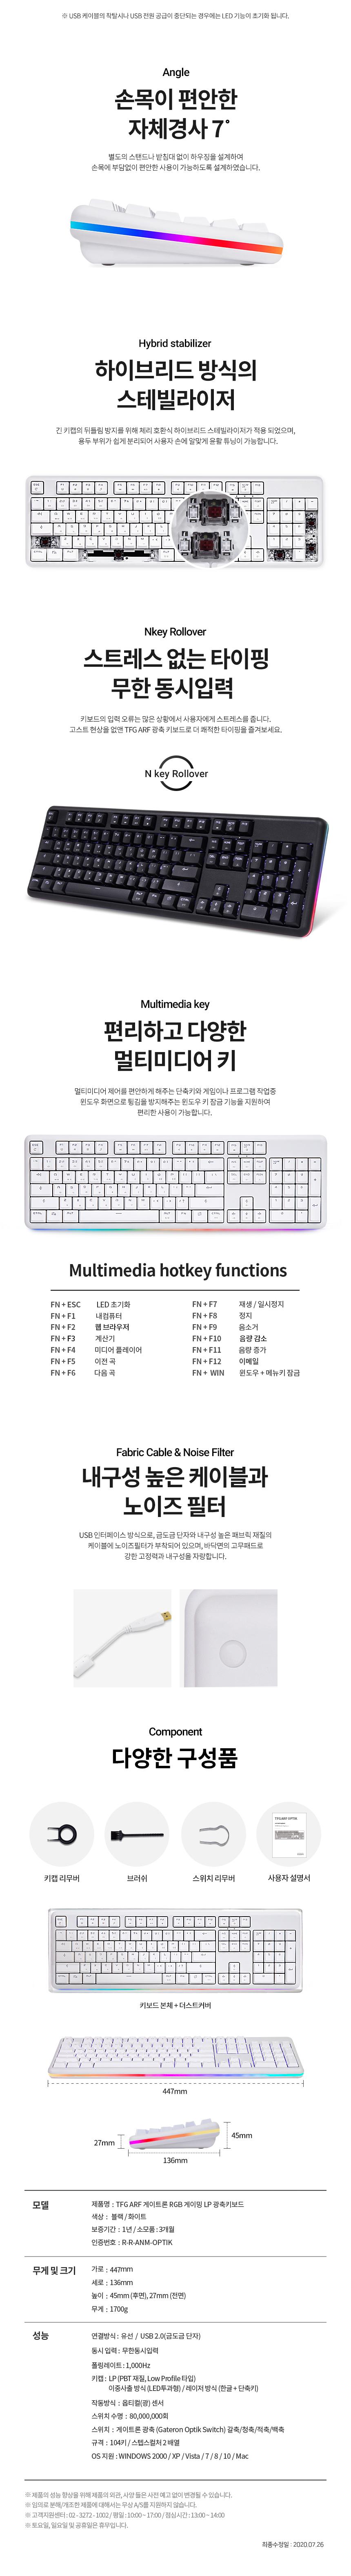 한성컴퓨터 TFG ARF 게이트론 RGB 게이밍 LP 광축키보드 (블랙, 갈축)